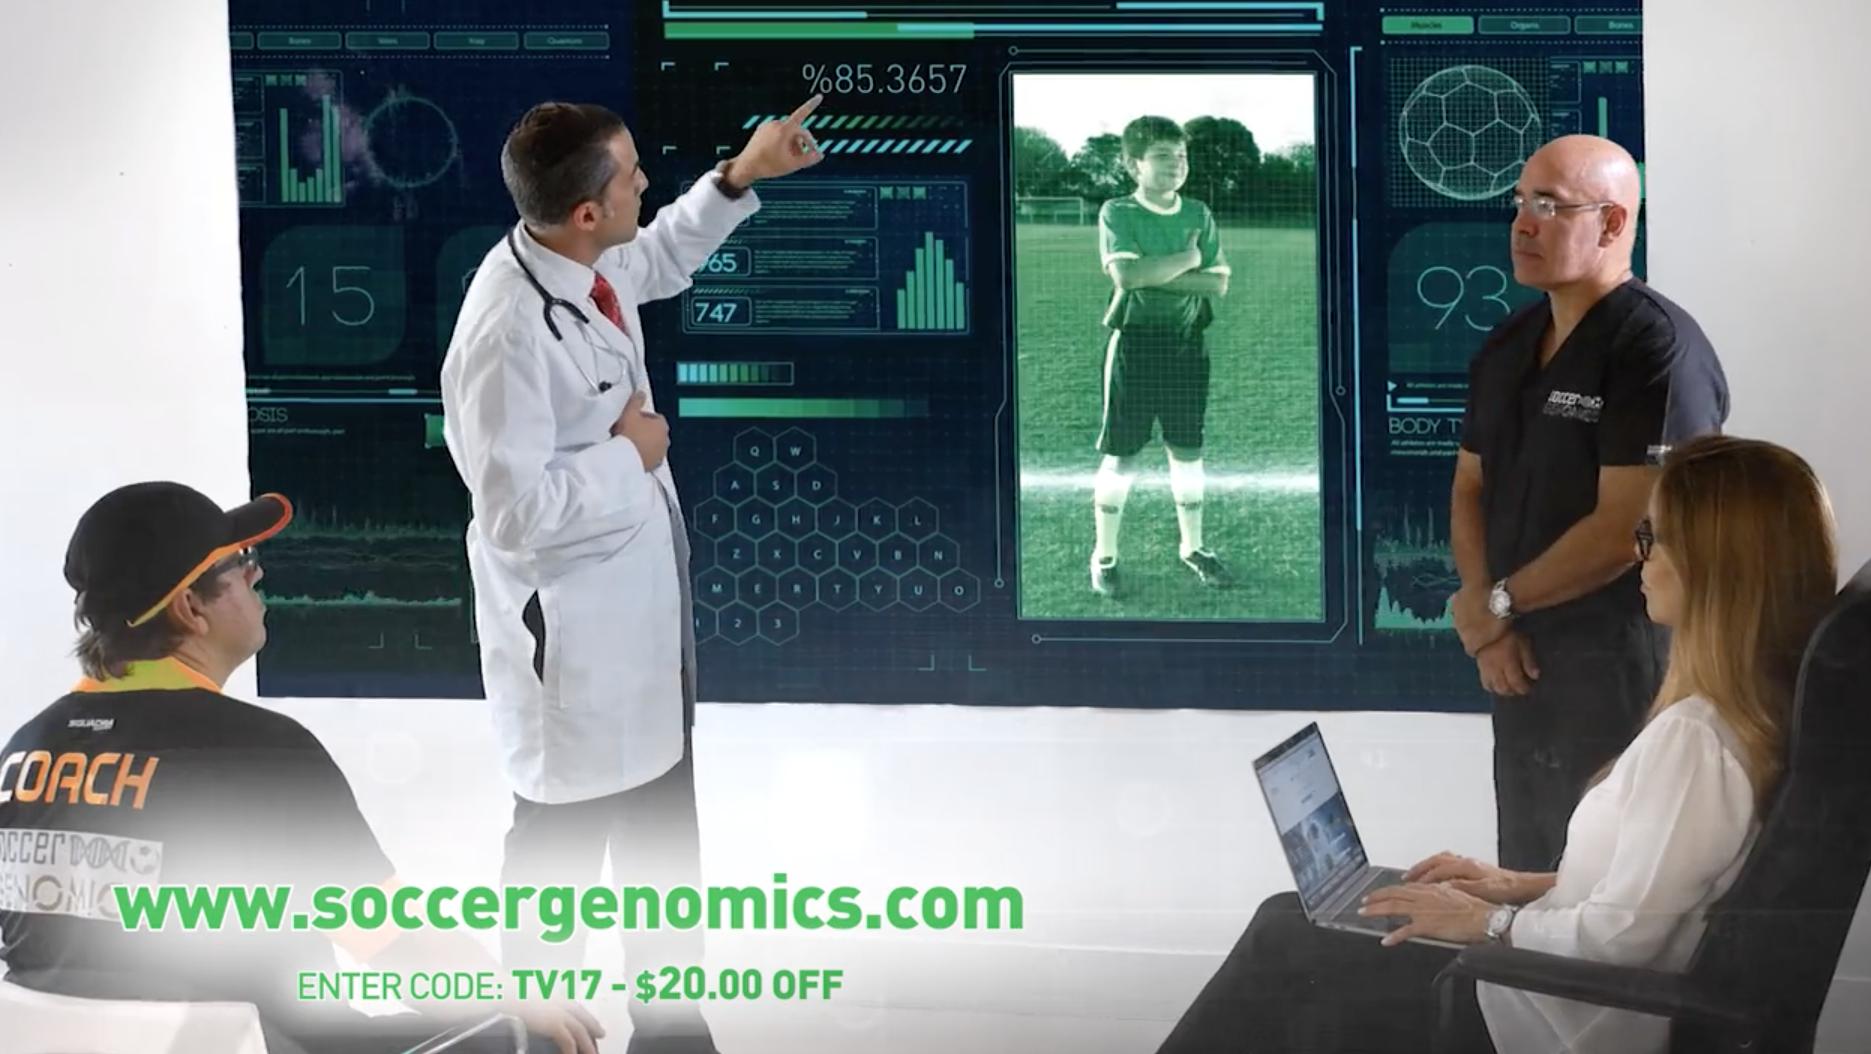 Реклама одного из псевдонаучных генетических тестов, обещающих оценить способности кфутболу ипомочь развить их.